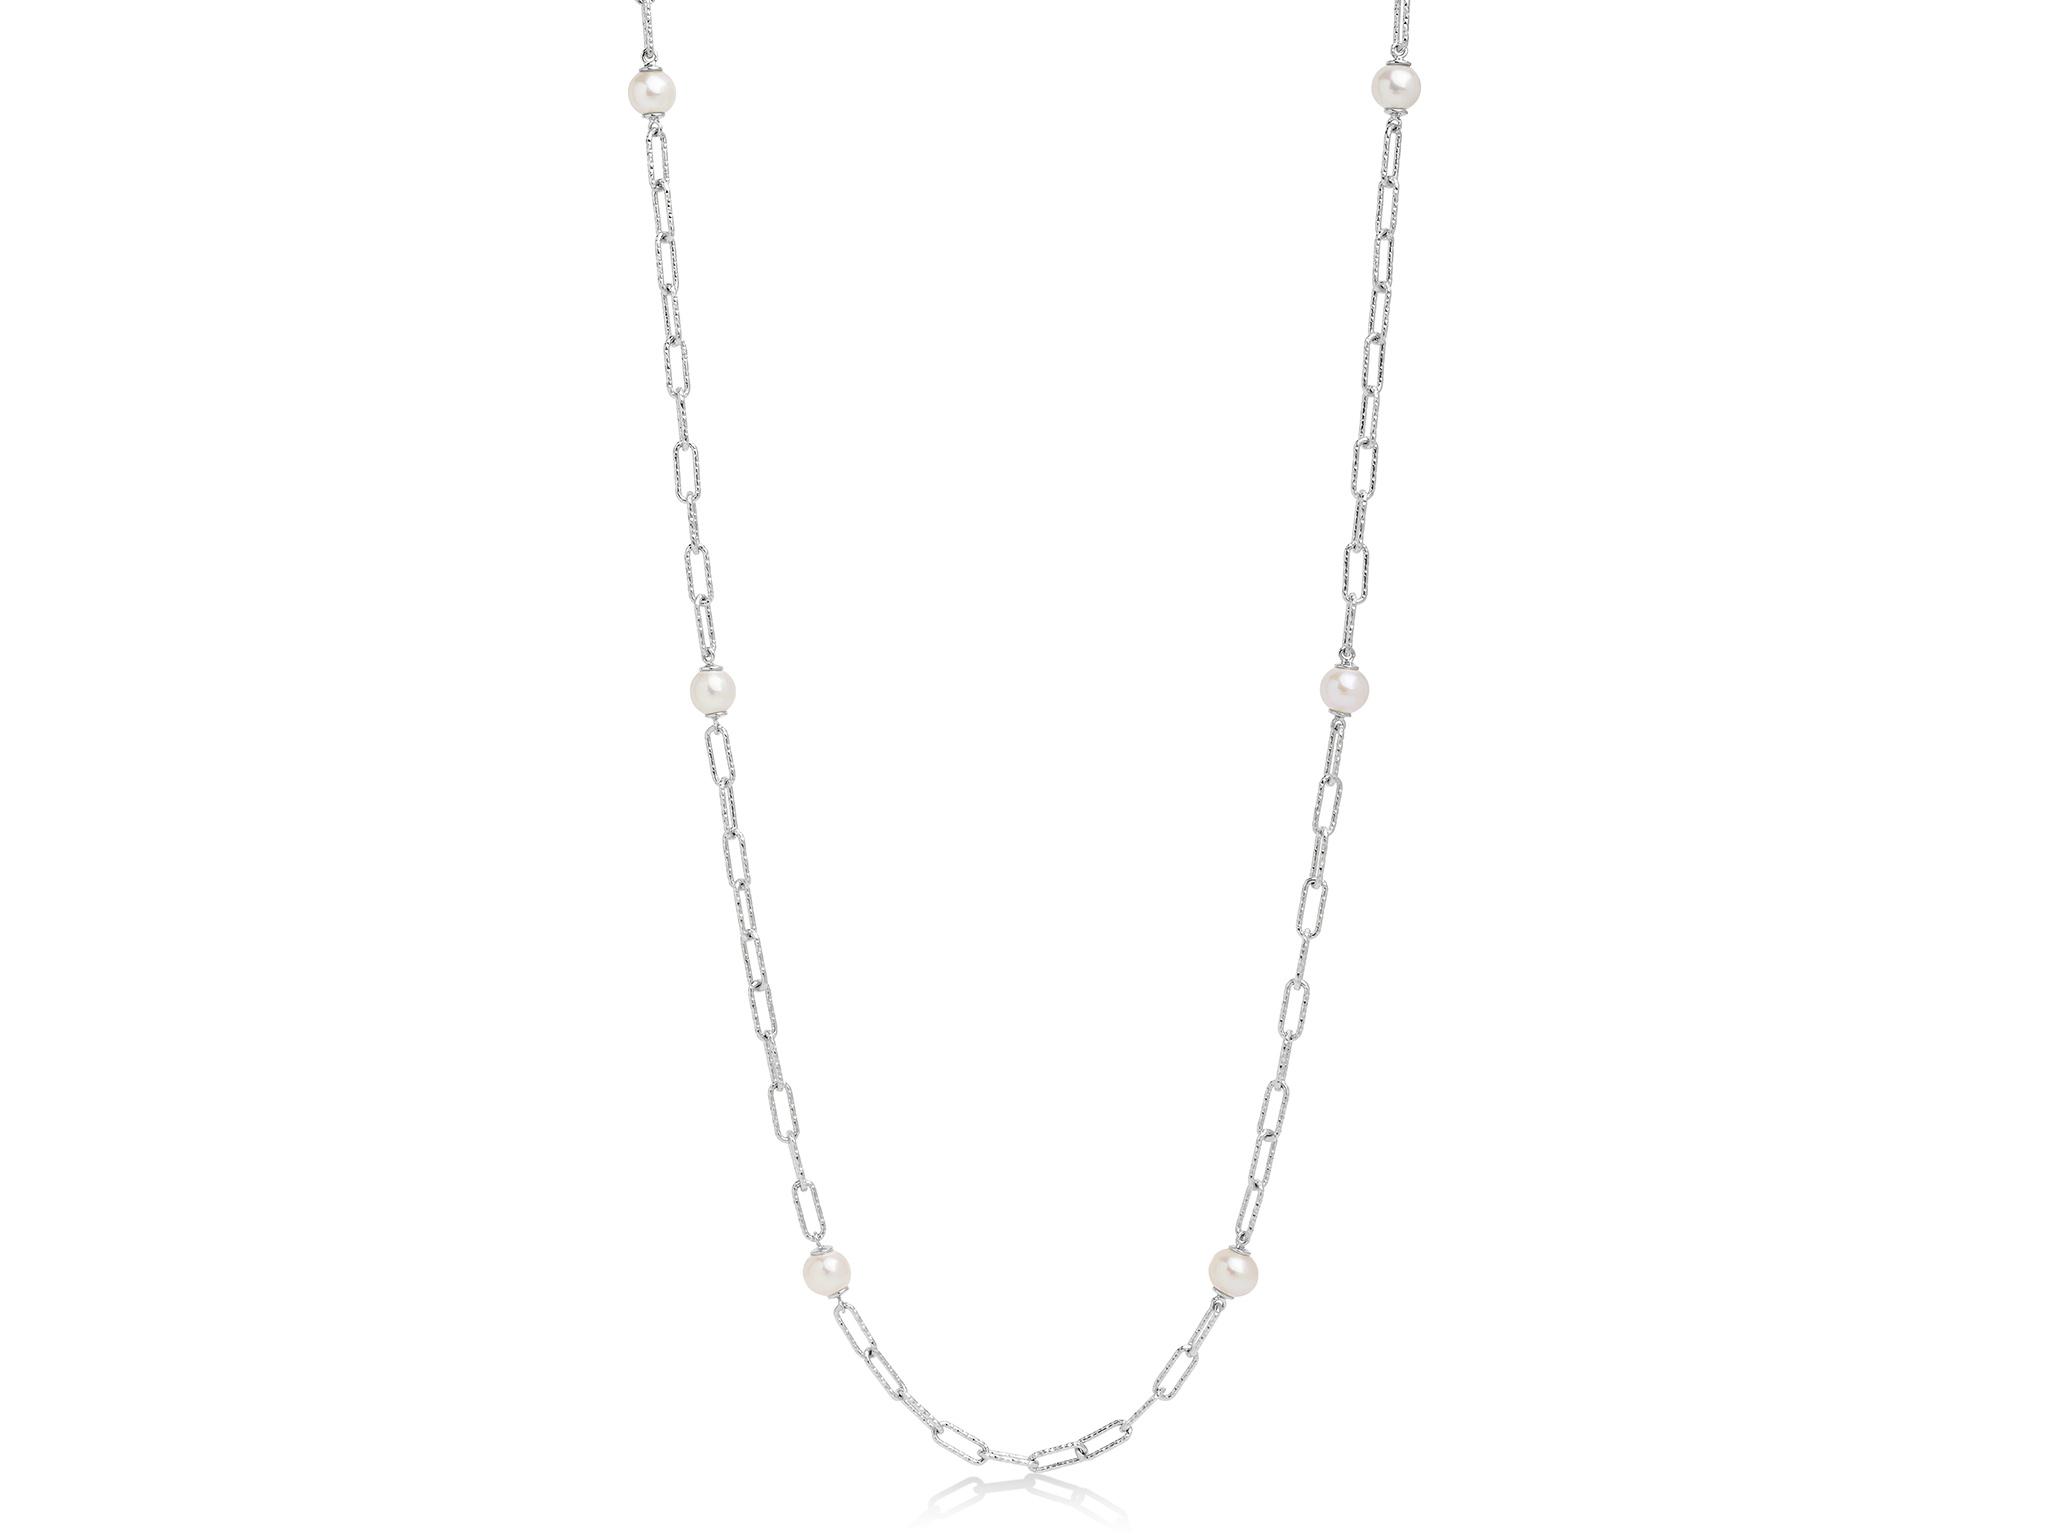 Collana lunga con catena a maglia, in argento con perle. - PCL6073B